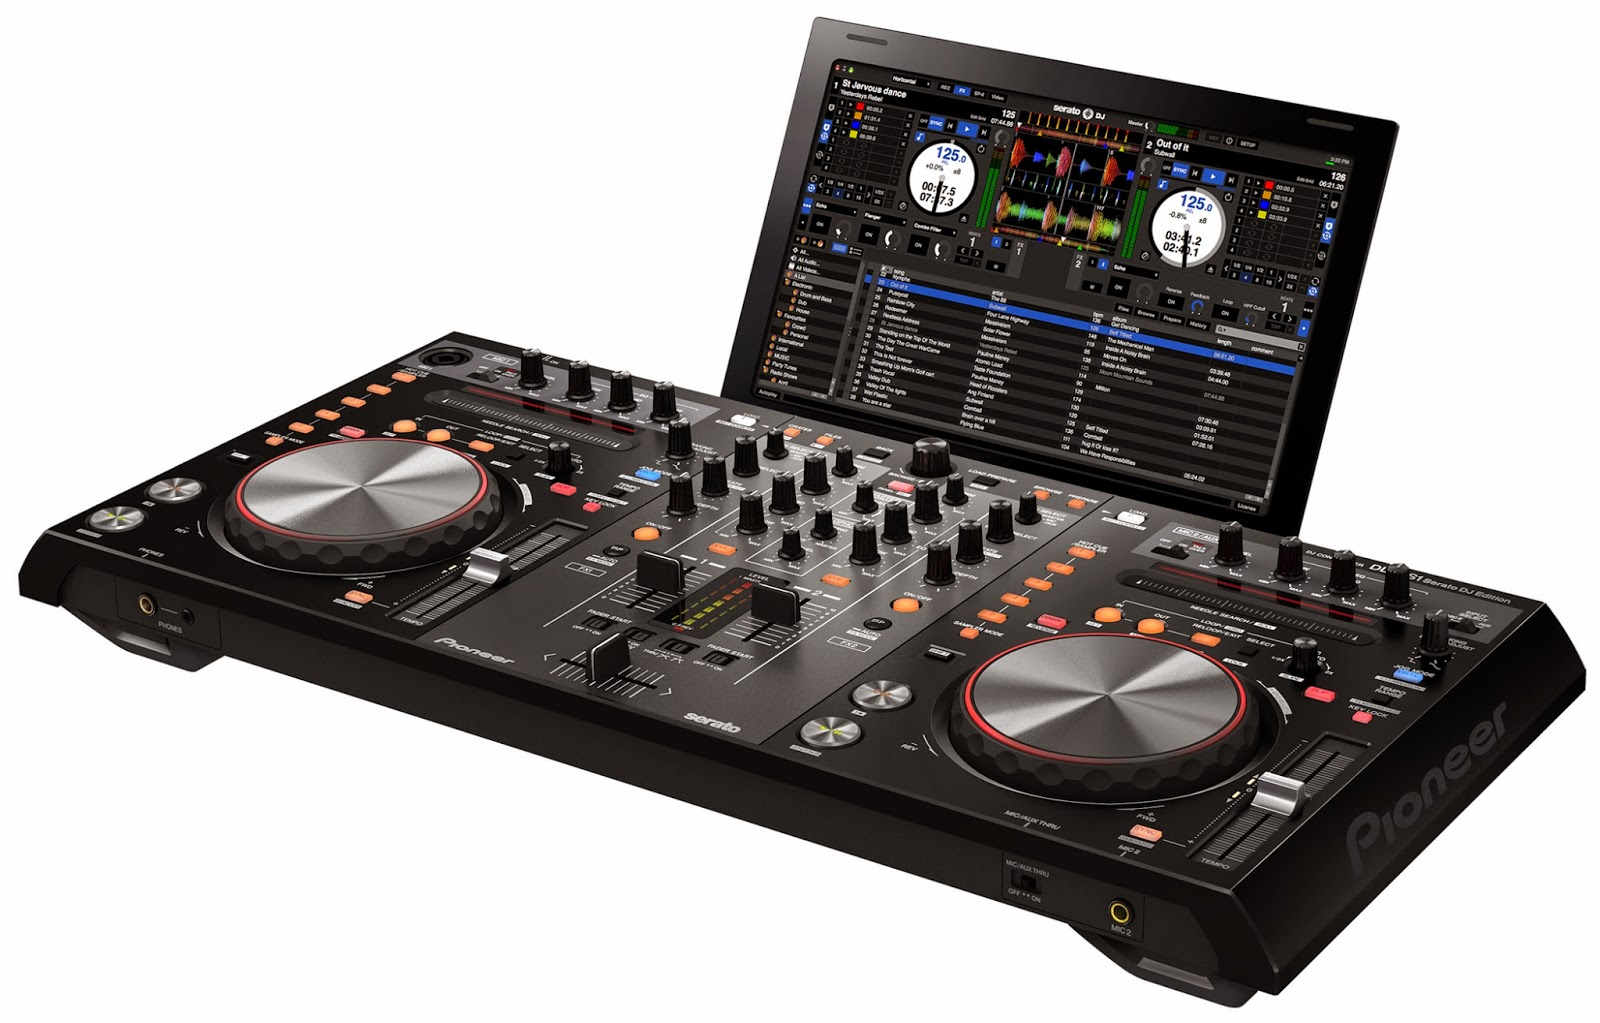 Download Serato DJ 1.1.1 + Crack For Mac  Download Crack Serato DJ 1.6.1 Win/Mac pioneer ddj s1 serato dj pic 3